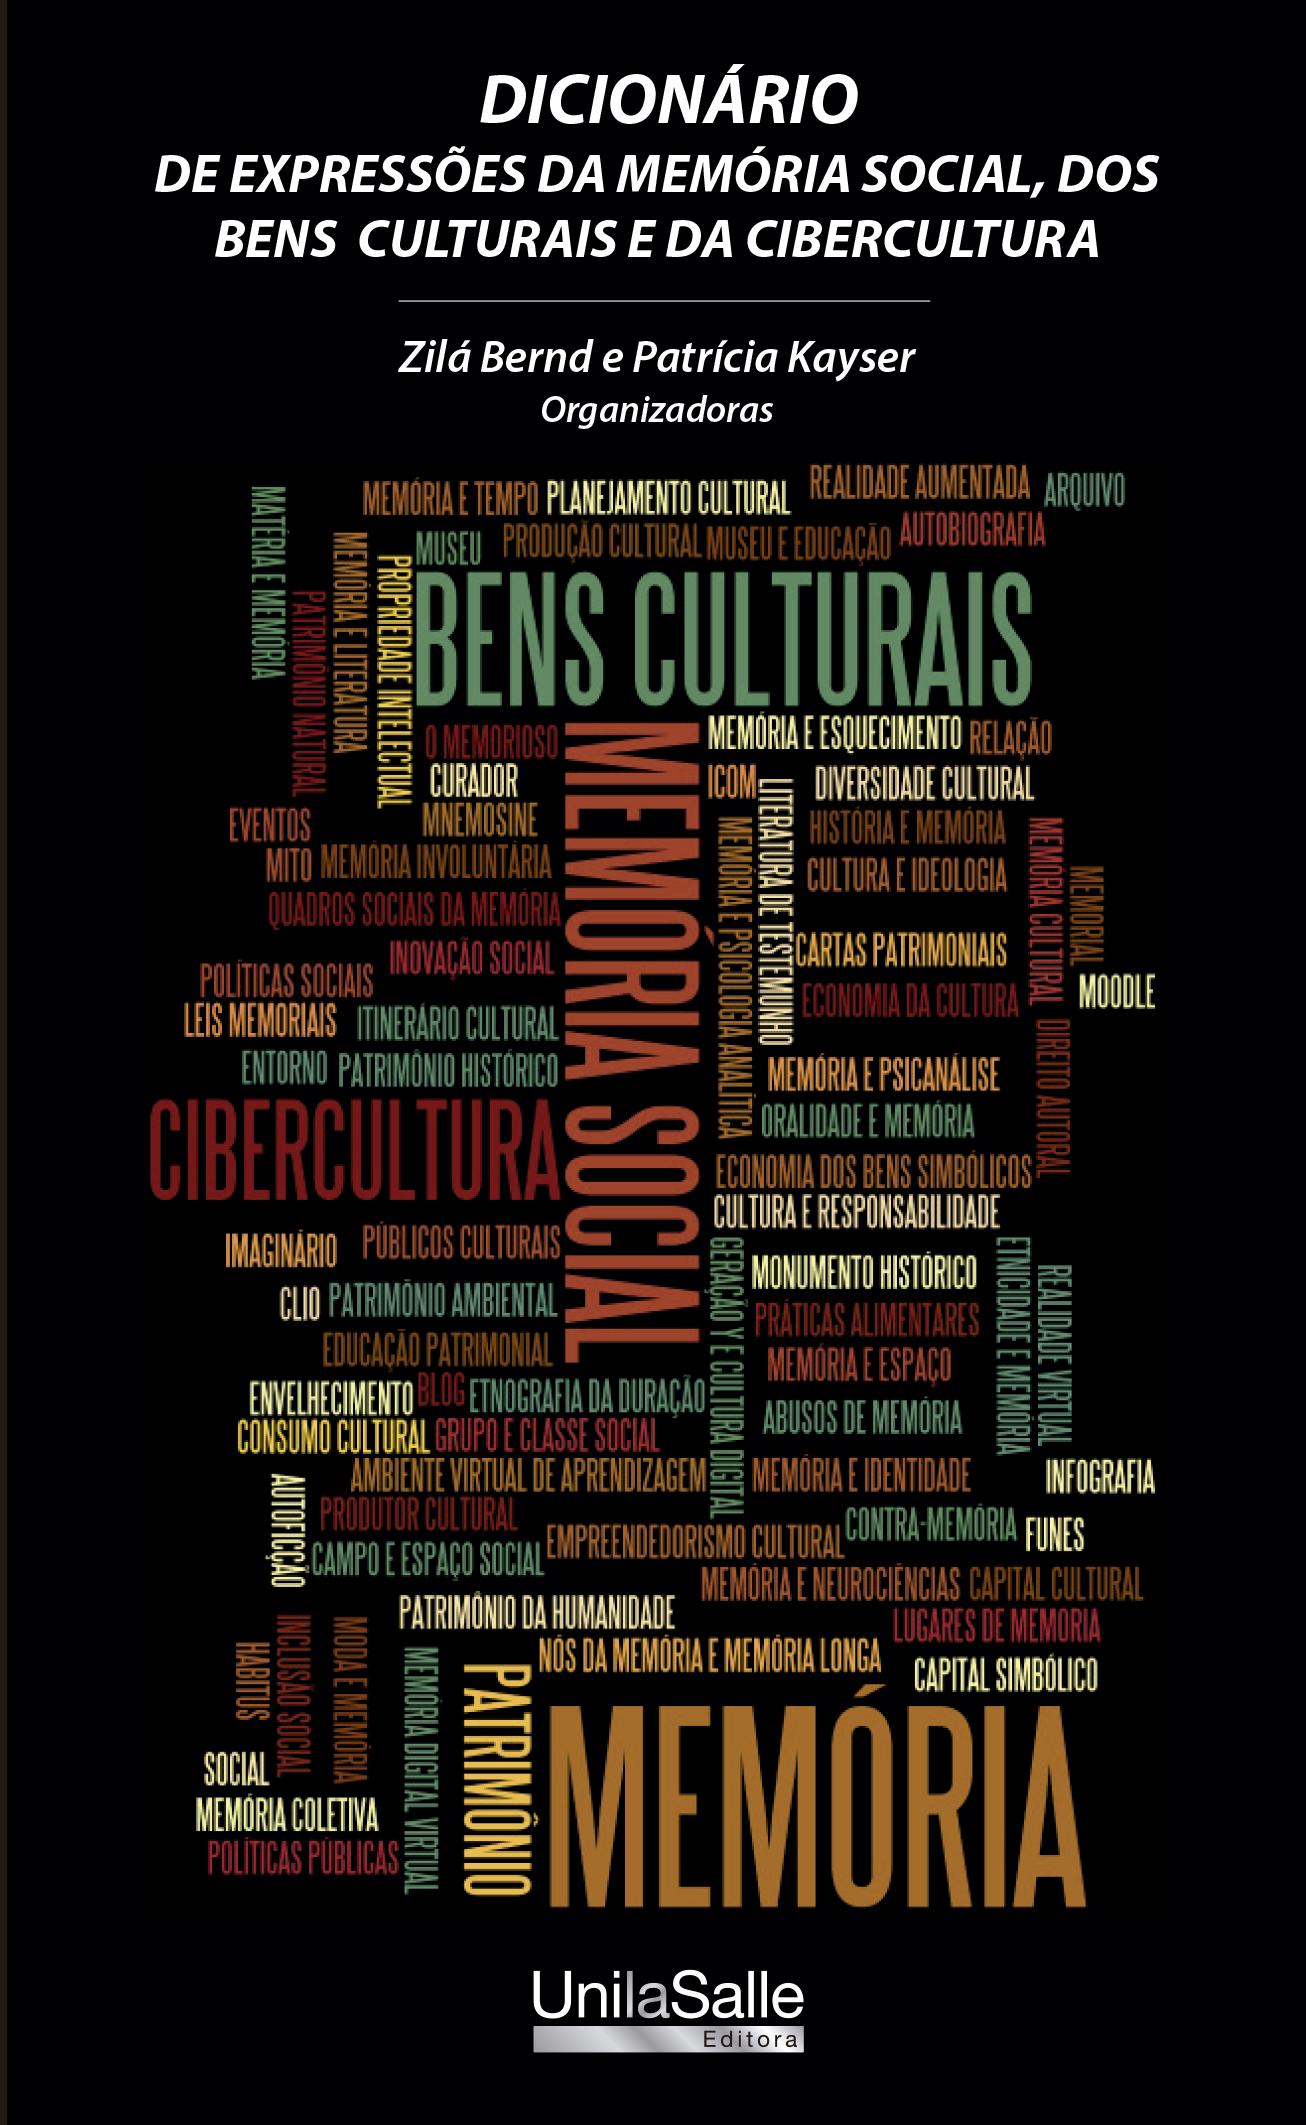 Dicionário de expressões da Memória Social, Bens Culturais e Cibercultura